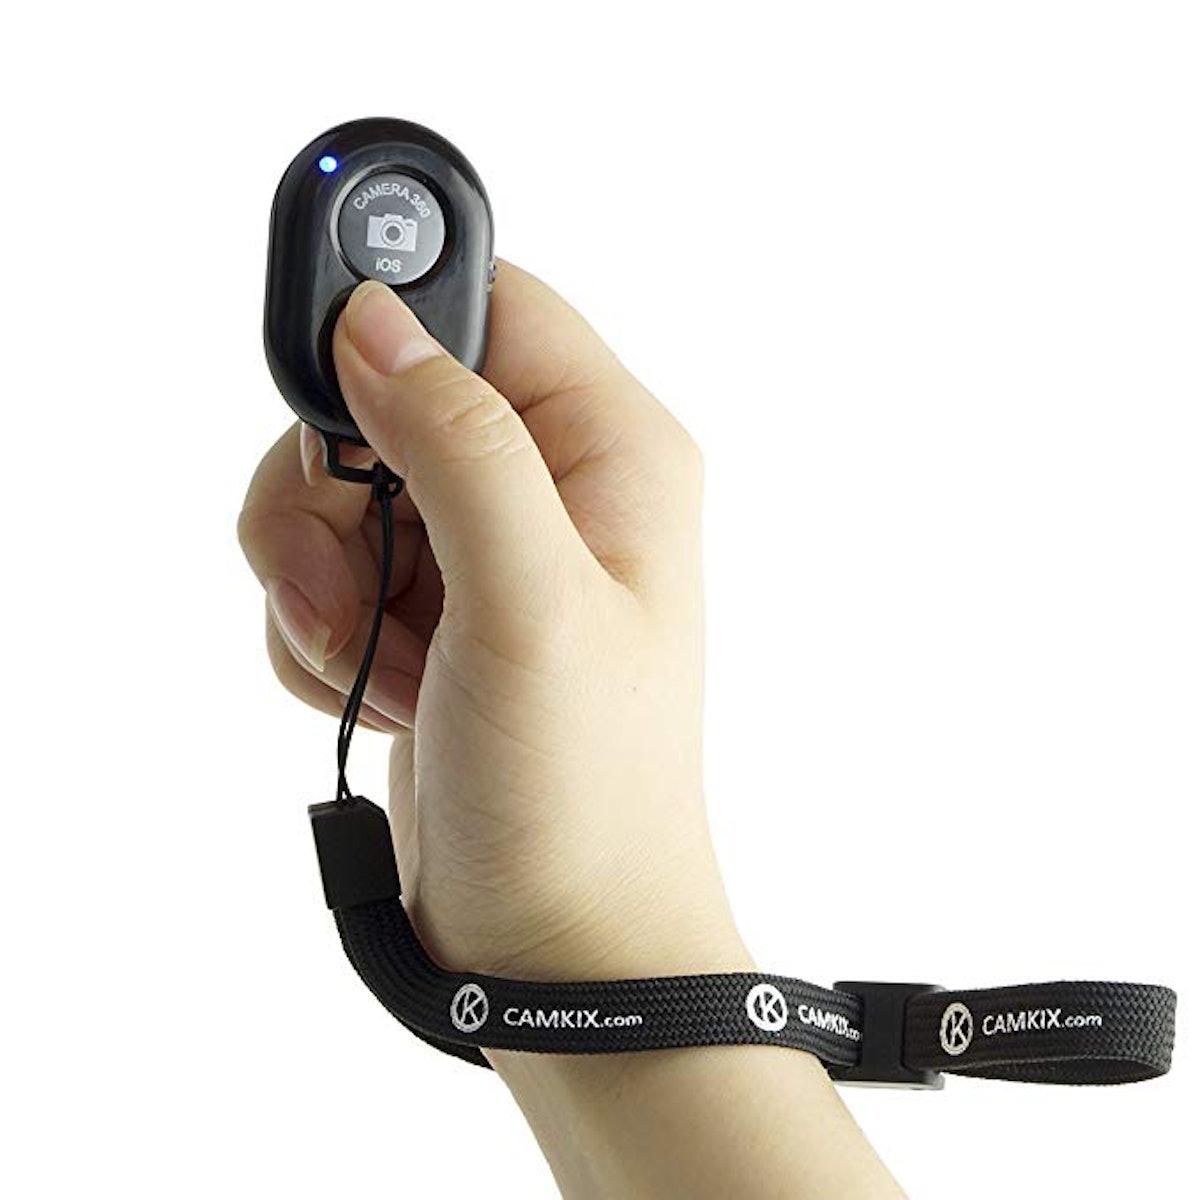 CamKix Camera Shutter Remote Control